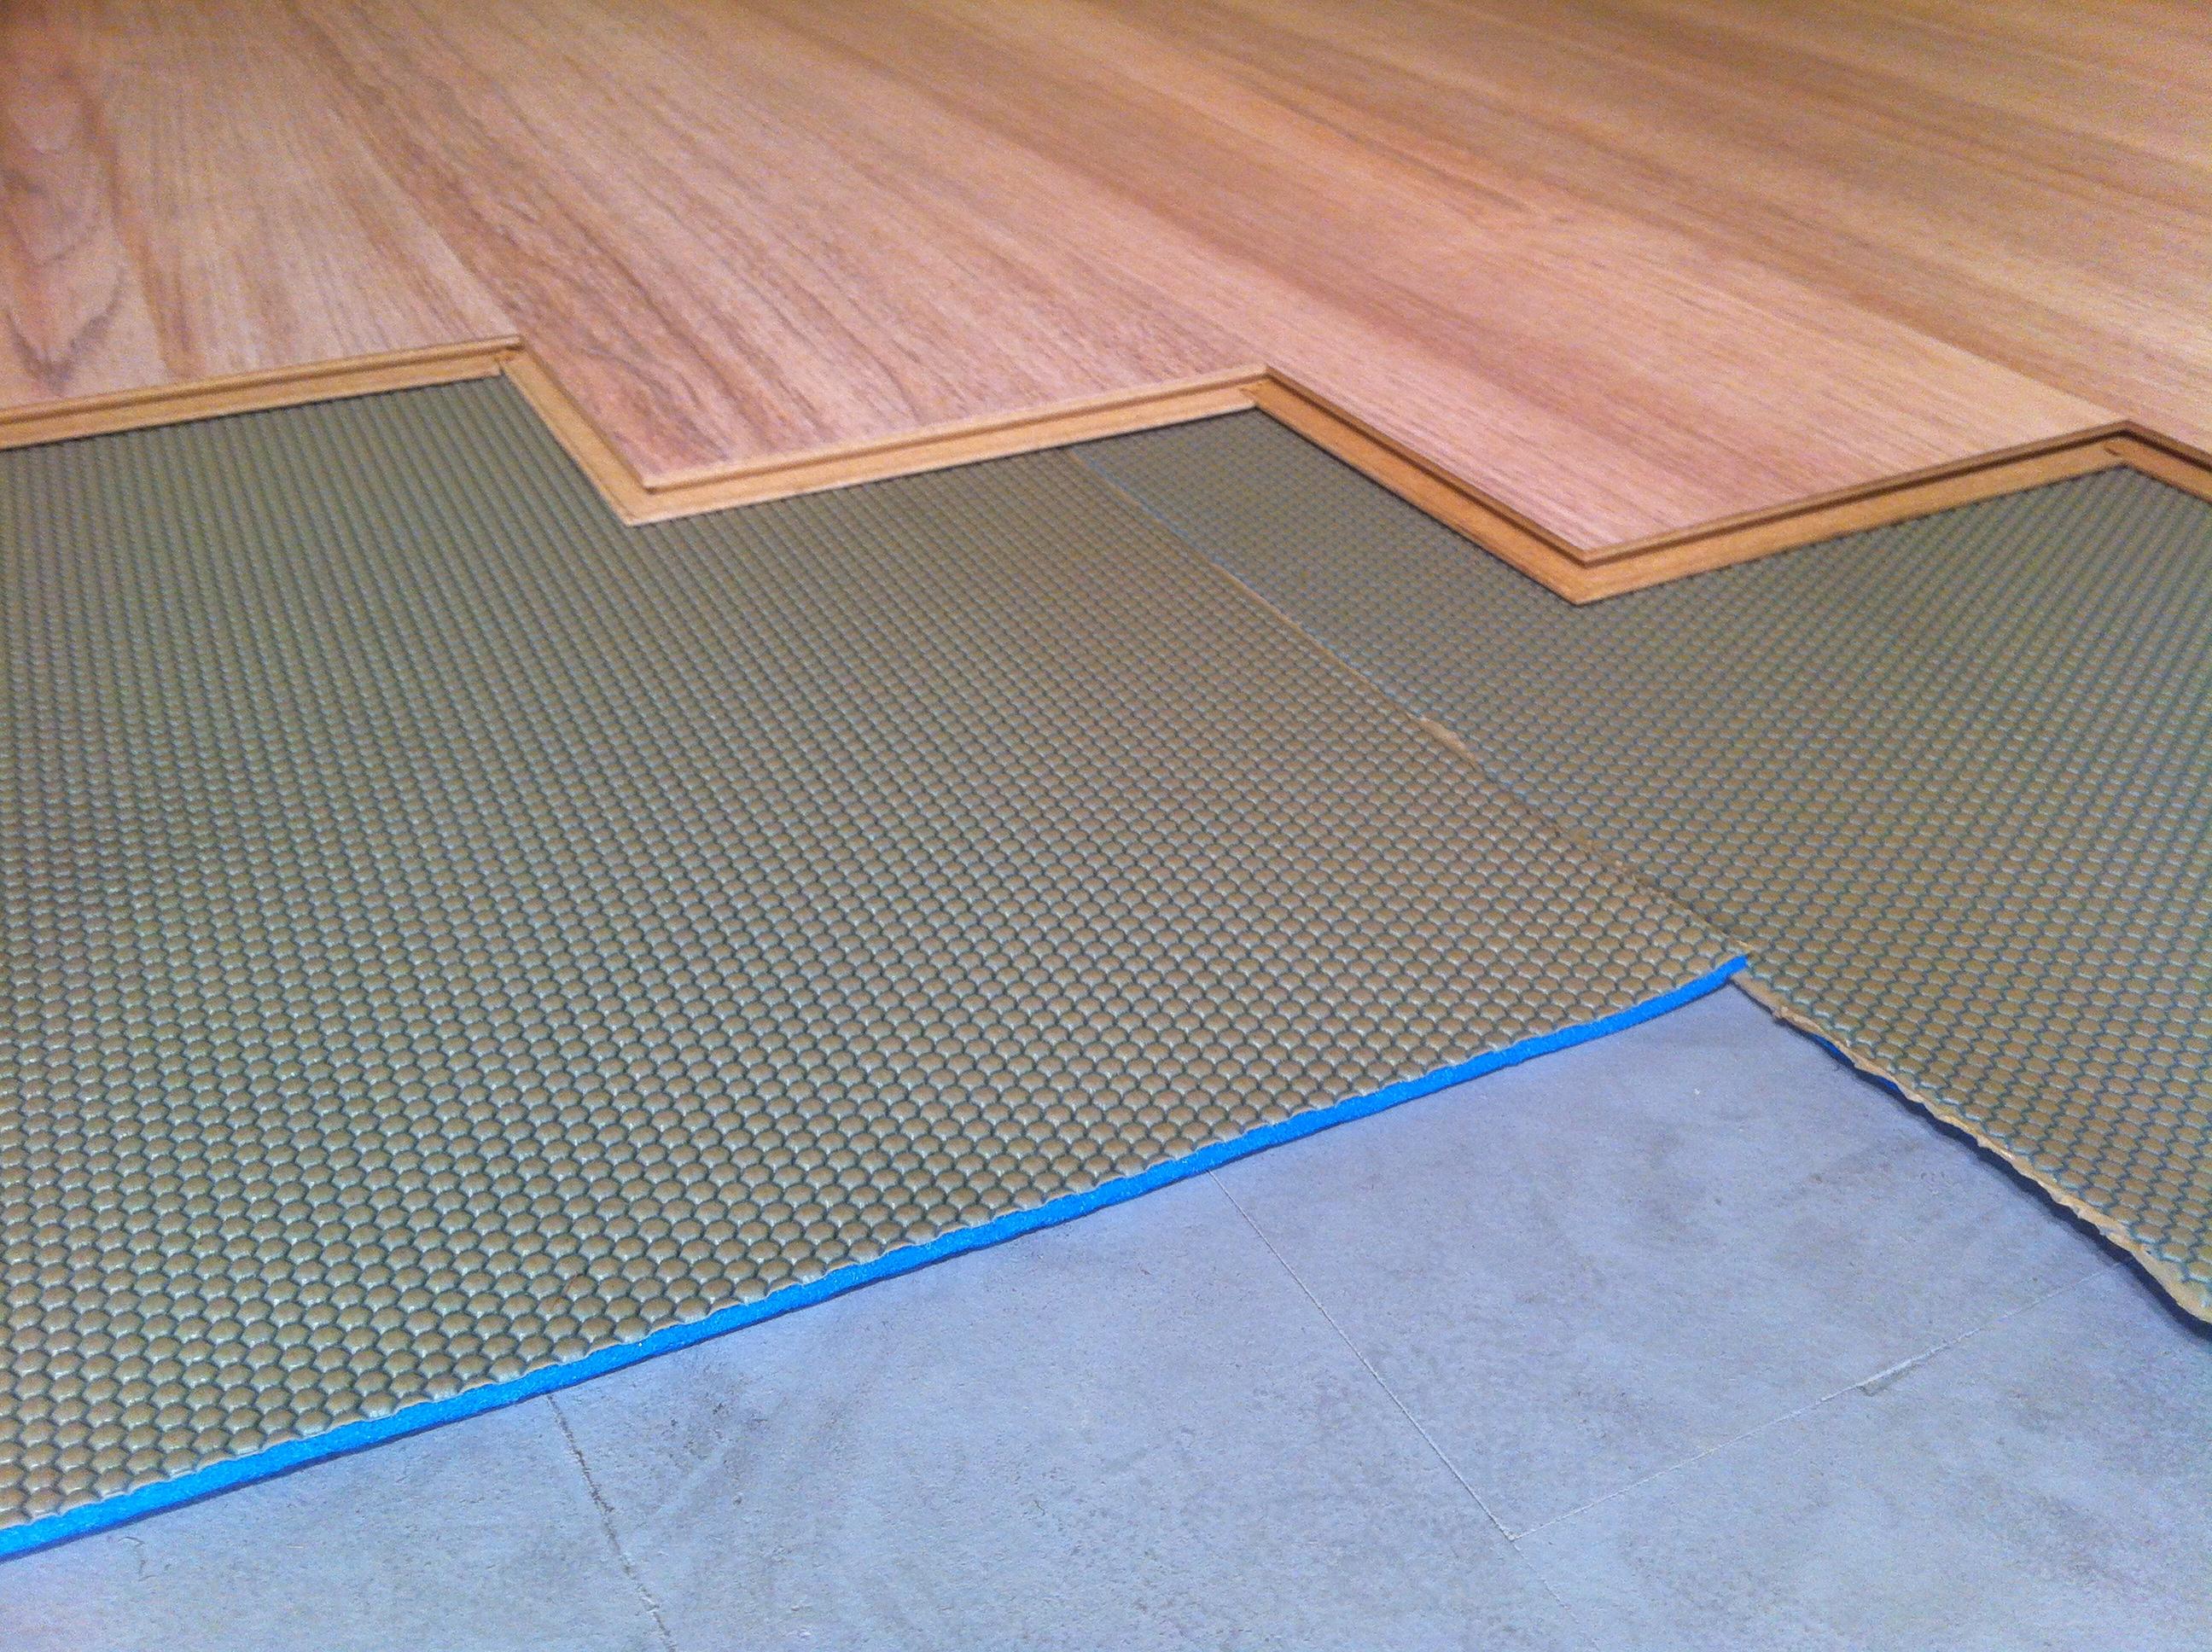 Parket laminaat nu assortiment ondervloeren voor vloerverwarming